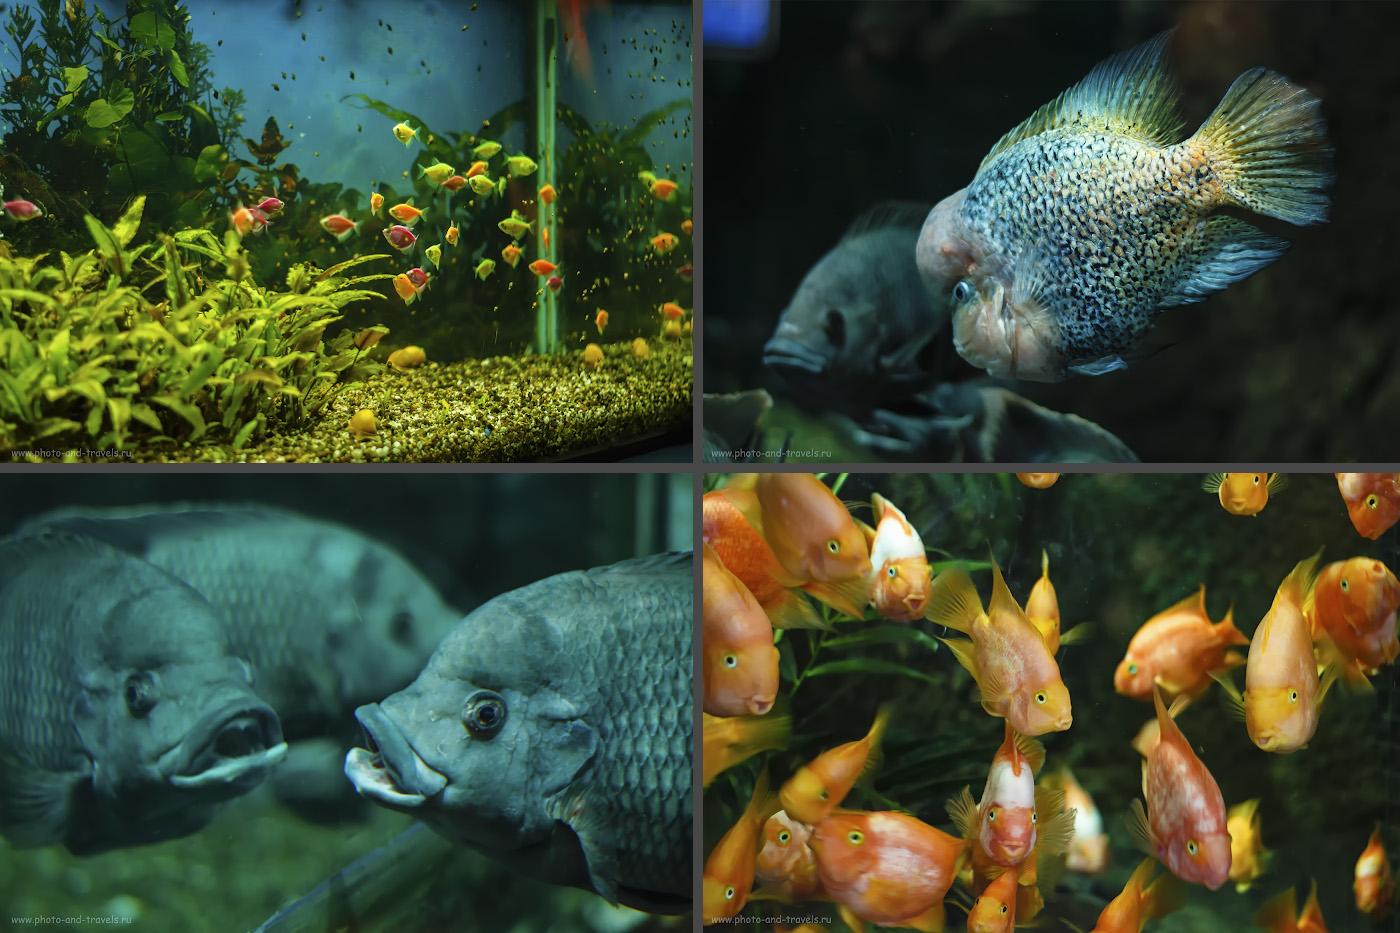 Фотография 42. Разноцветные рыбки в океанариуме Астаны. Снято на Canon 650D и объектив Yongnuo YN 50mm f/1,8 II. Настройки: ISO 800, f/1.8, В=1/80, ФР=50.